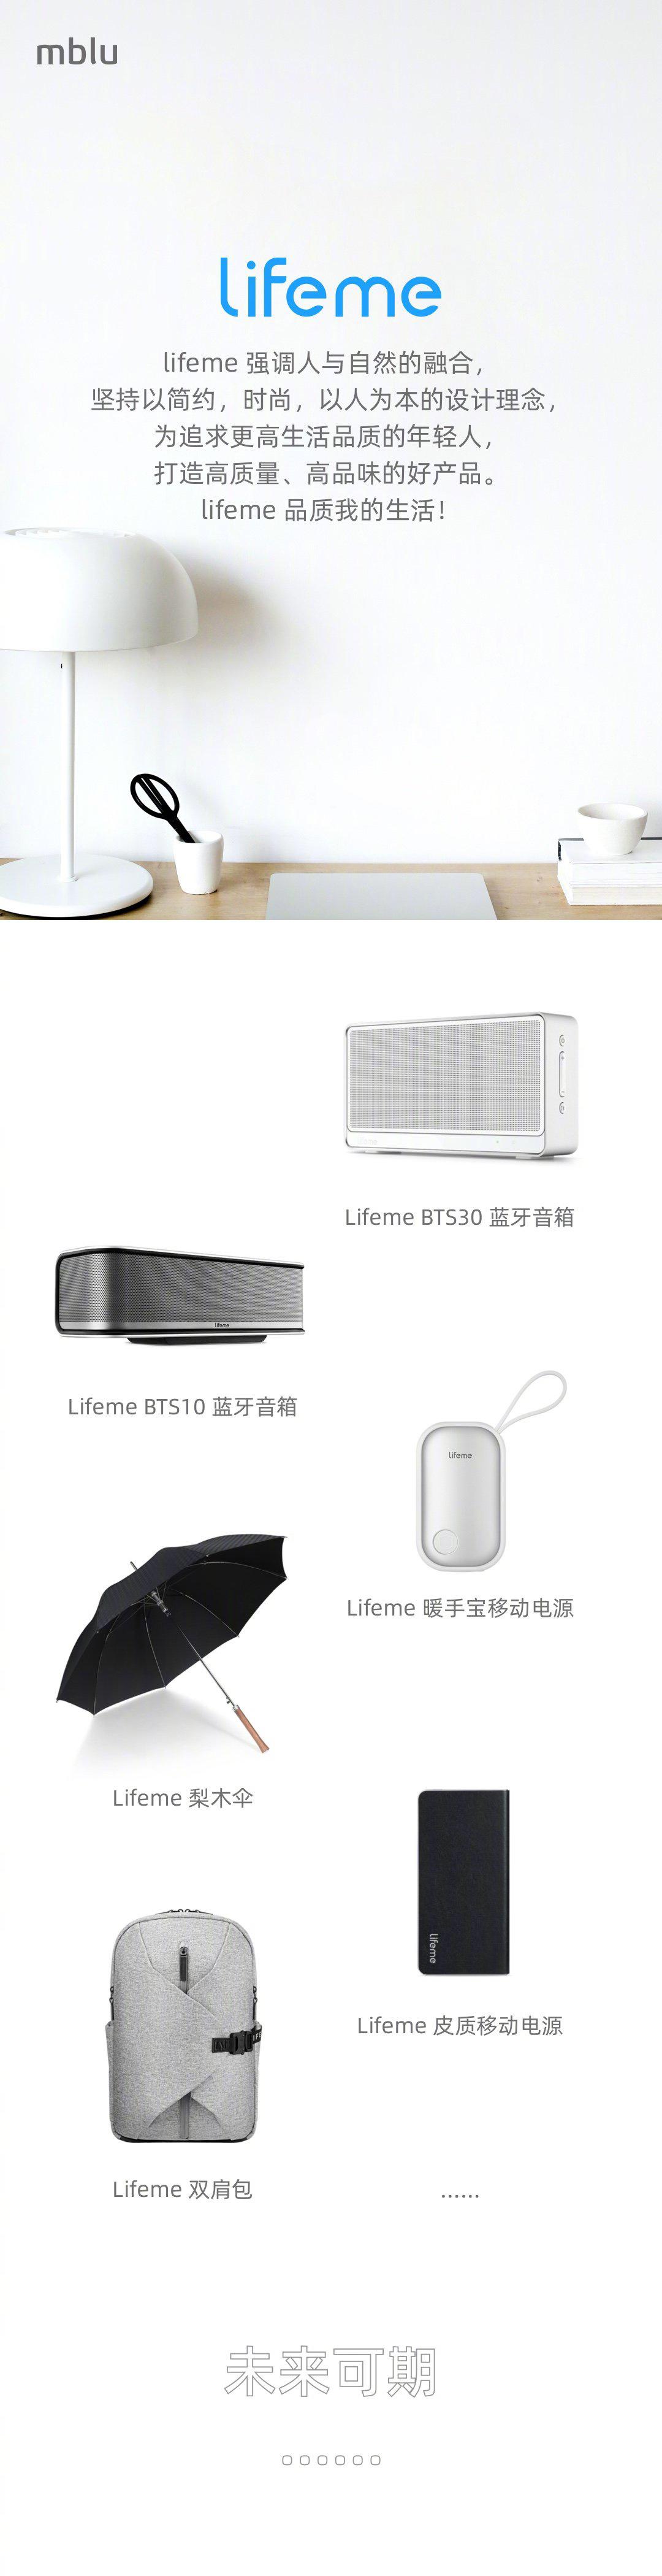 魅蓝青年良品系列定名 lifeme,官方微博账号已上线